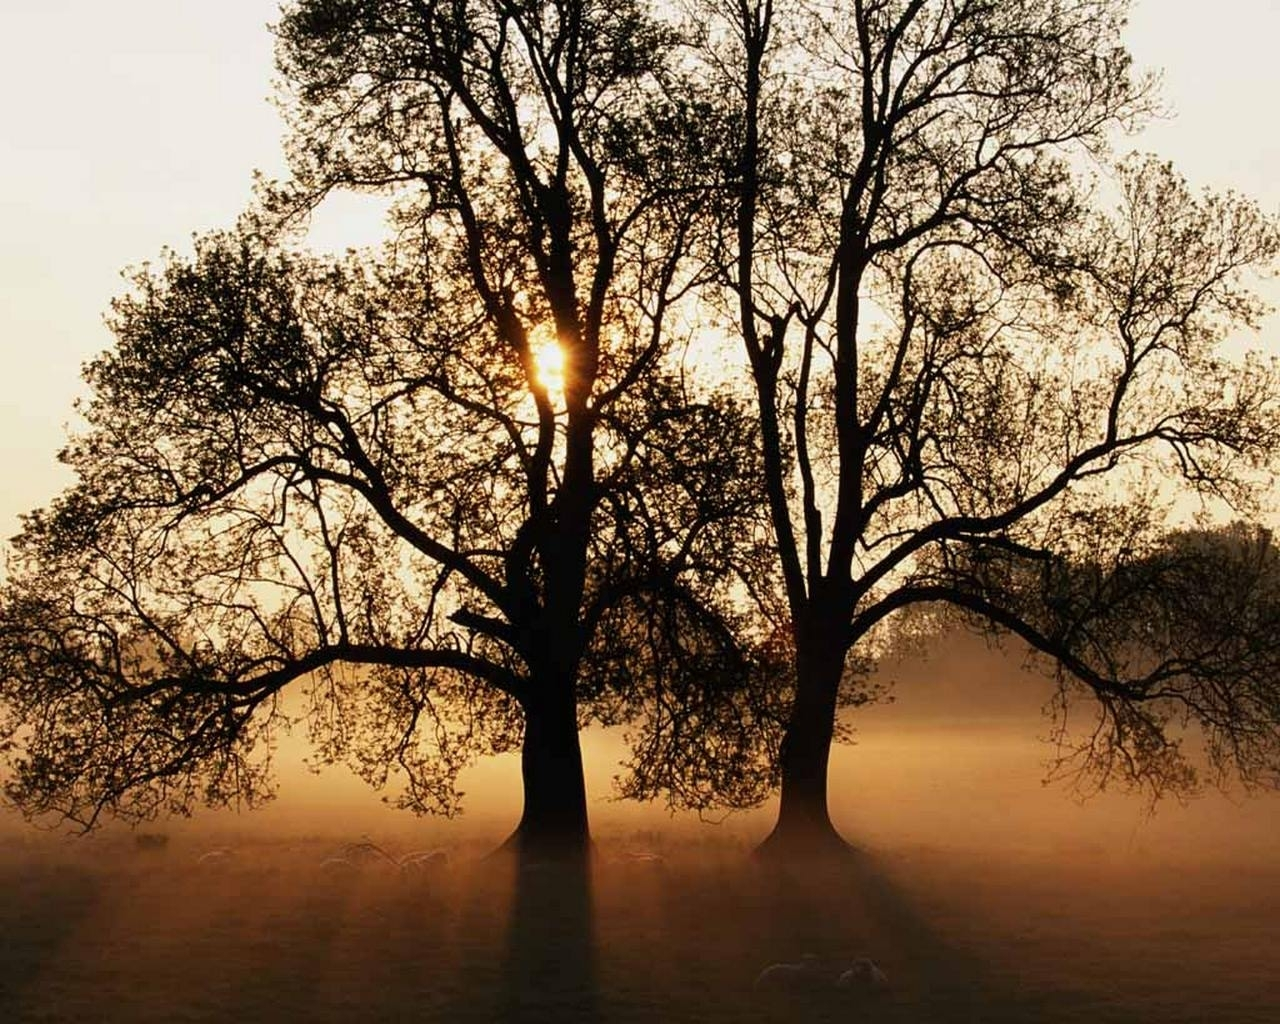 9232 скачать обои Пейзаж, Деревья, Солнце - заставки и картинки бесплатно